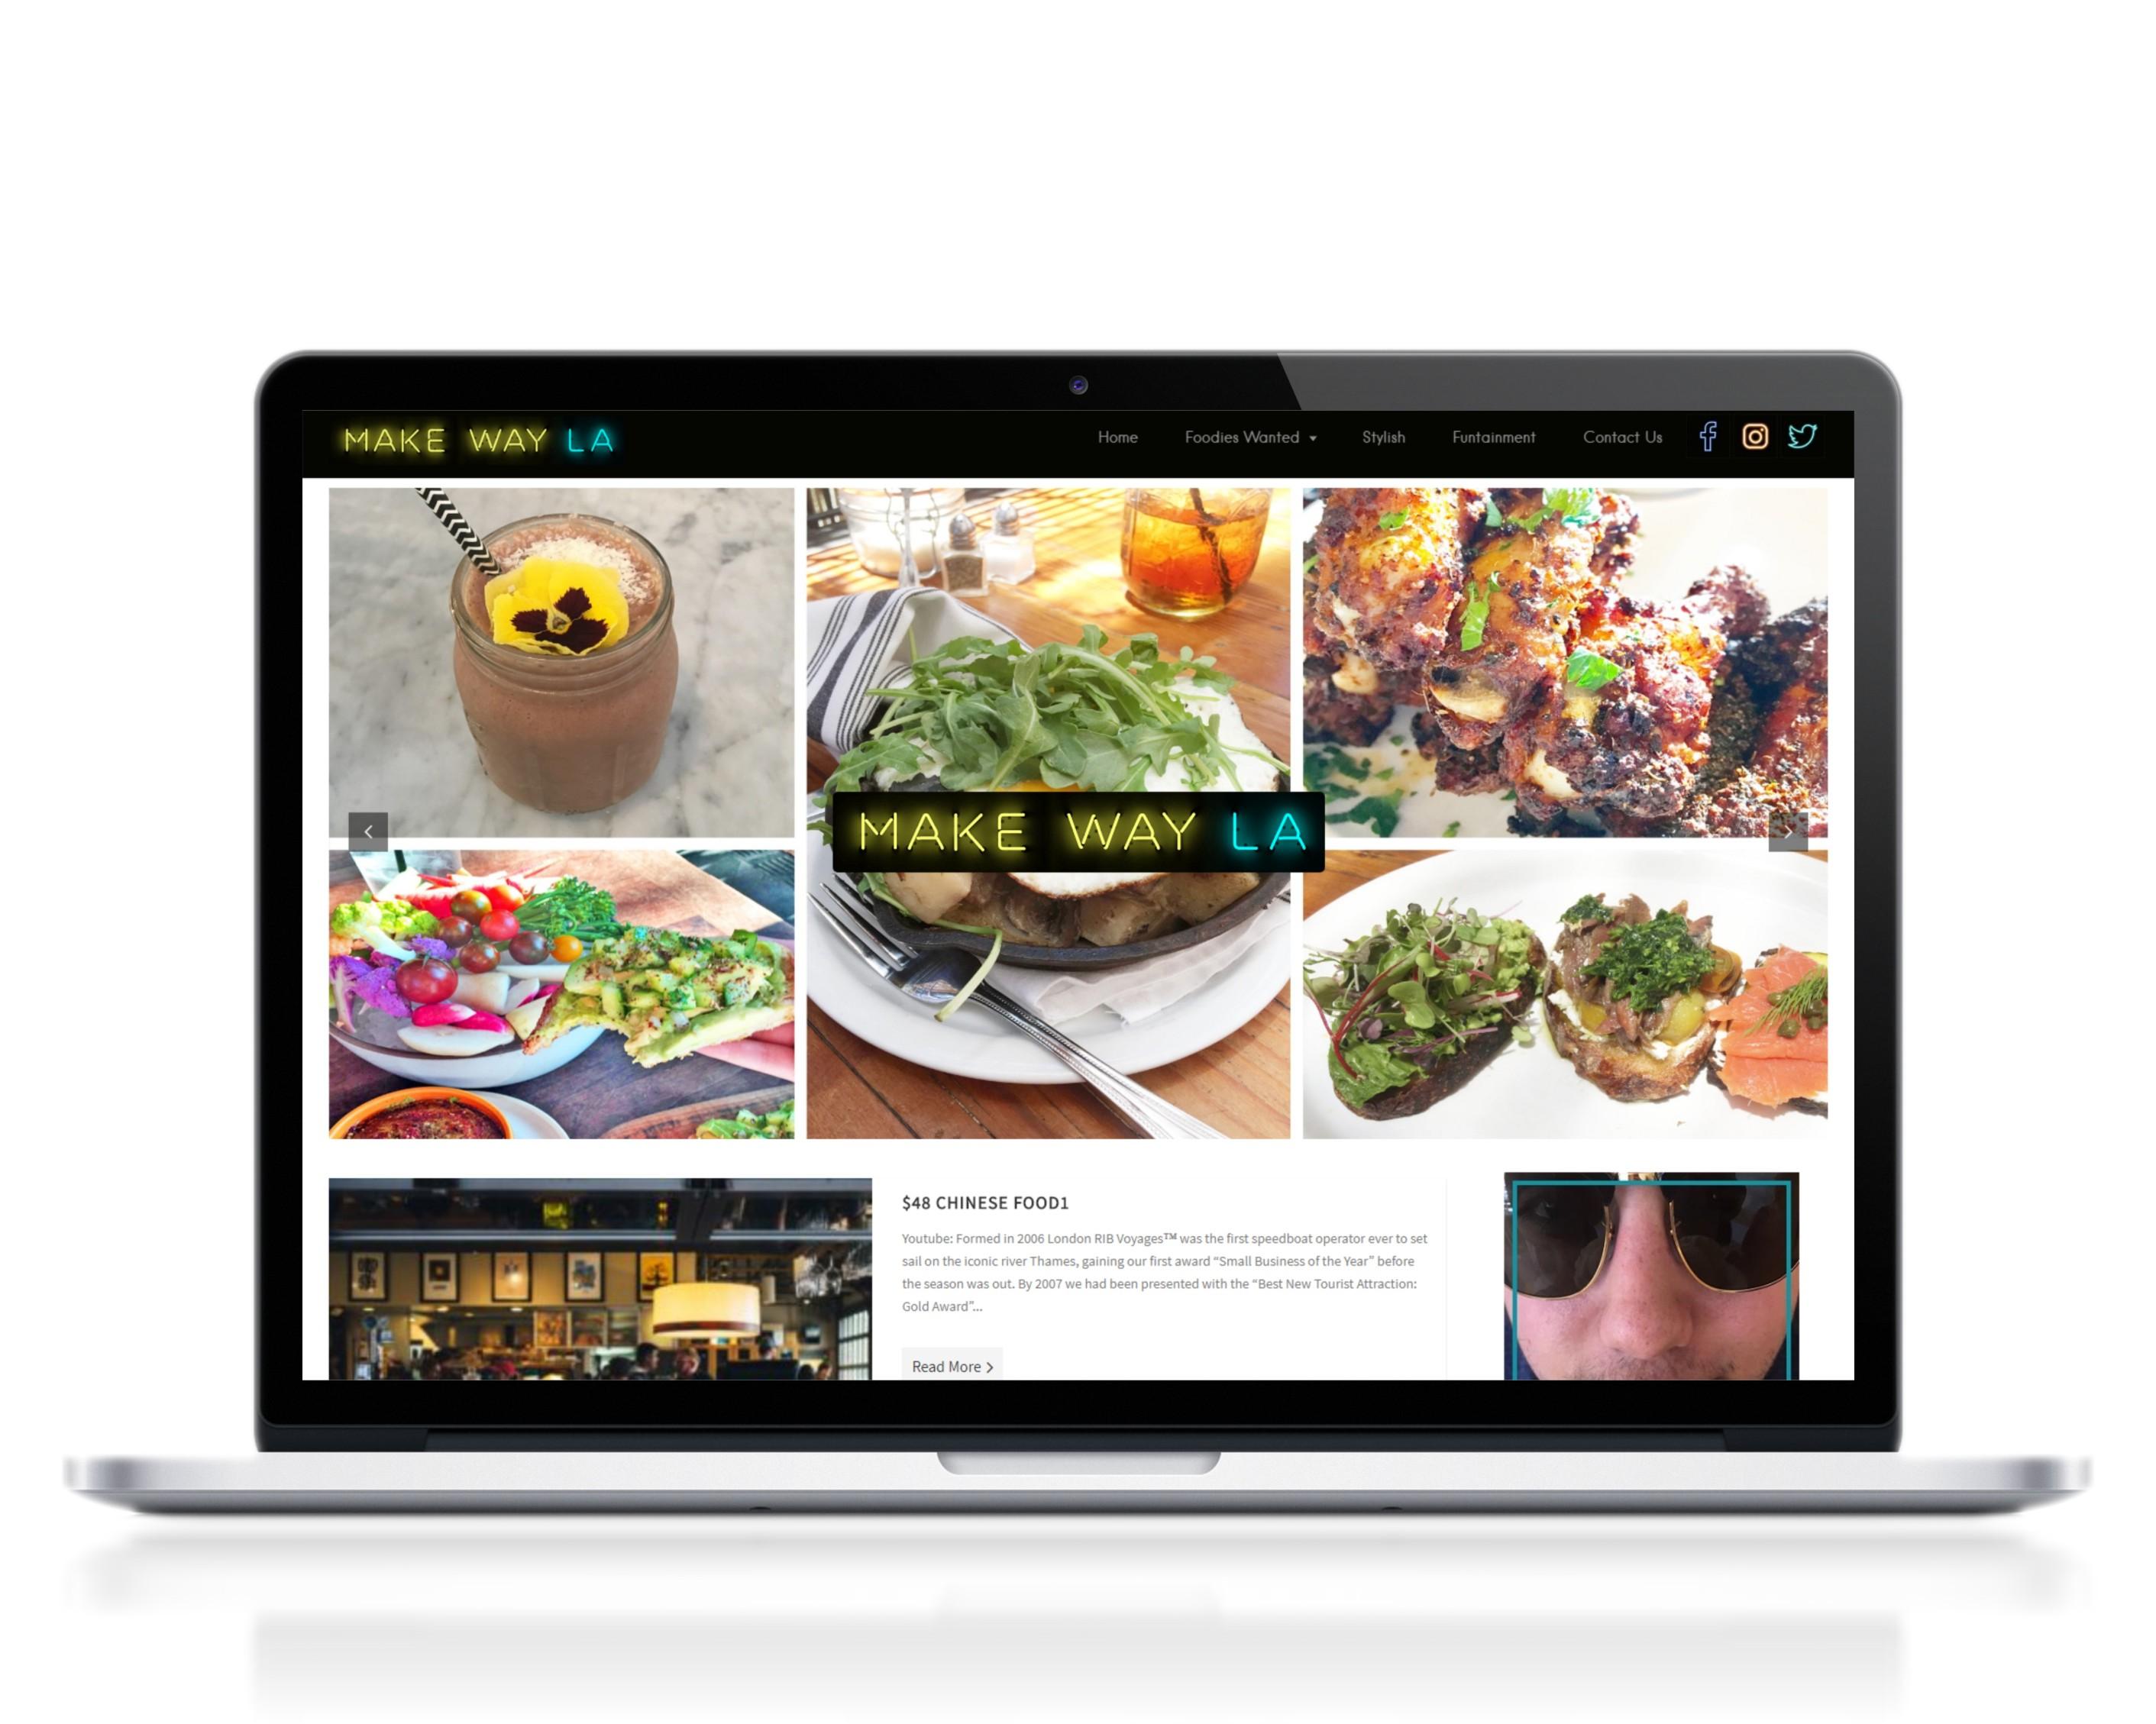 Make Way La website